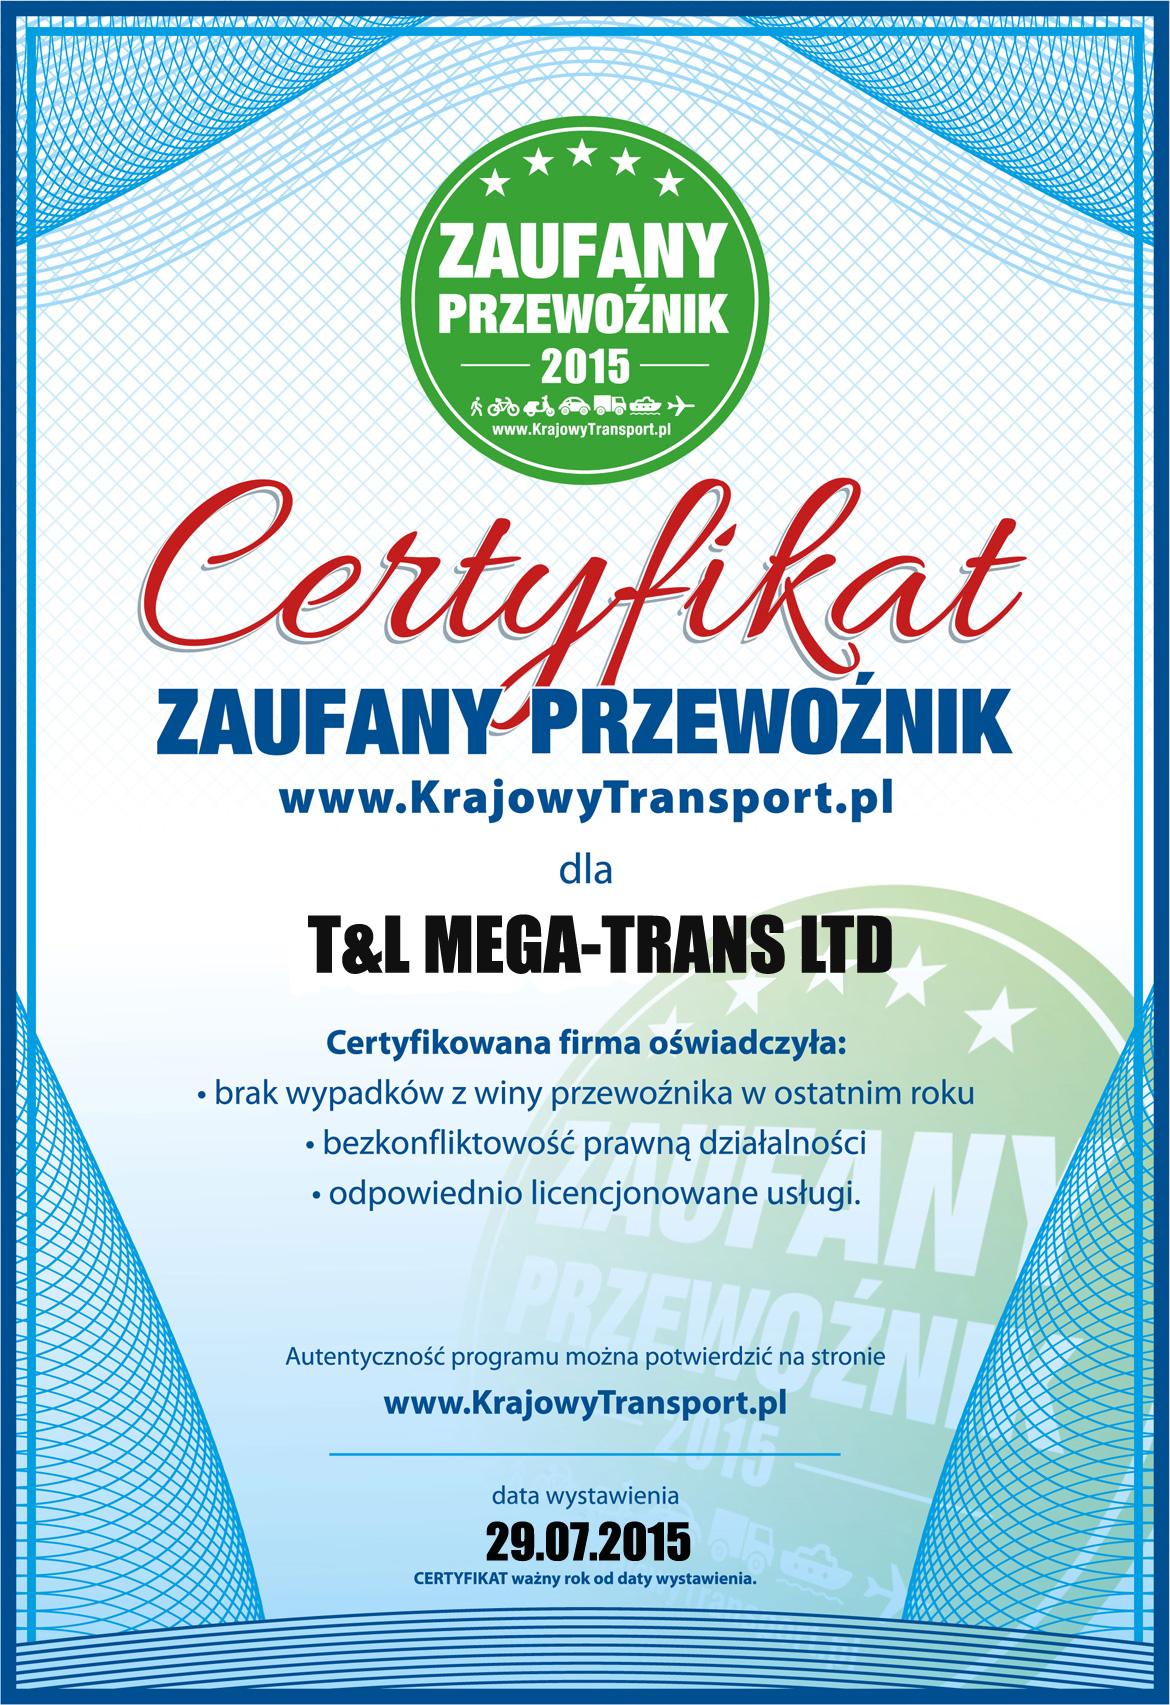 http://krajowytransport.pl/artykul/262/program-zaufany-przewoznik